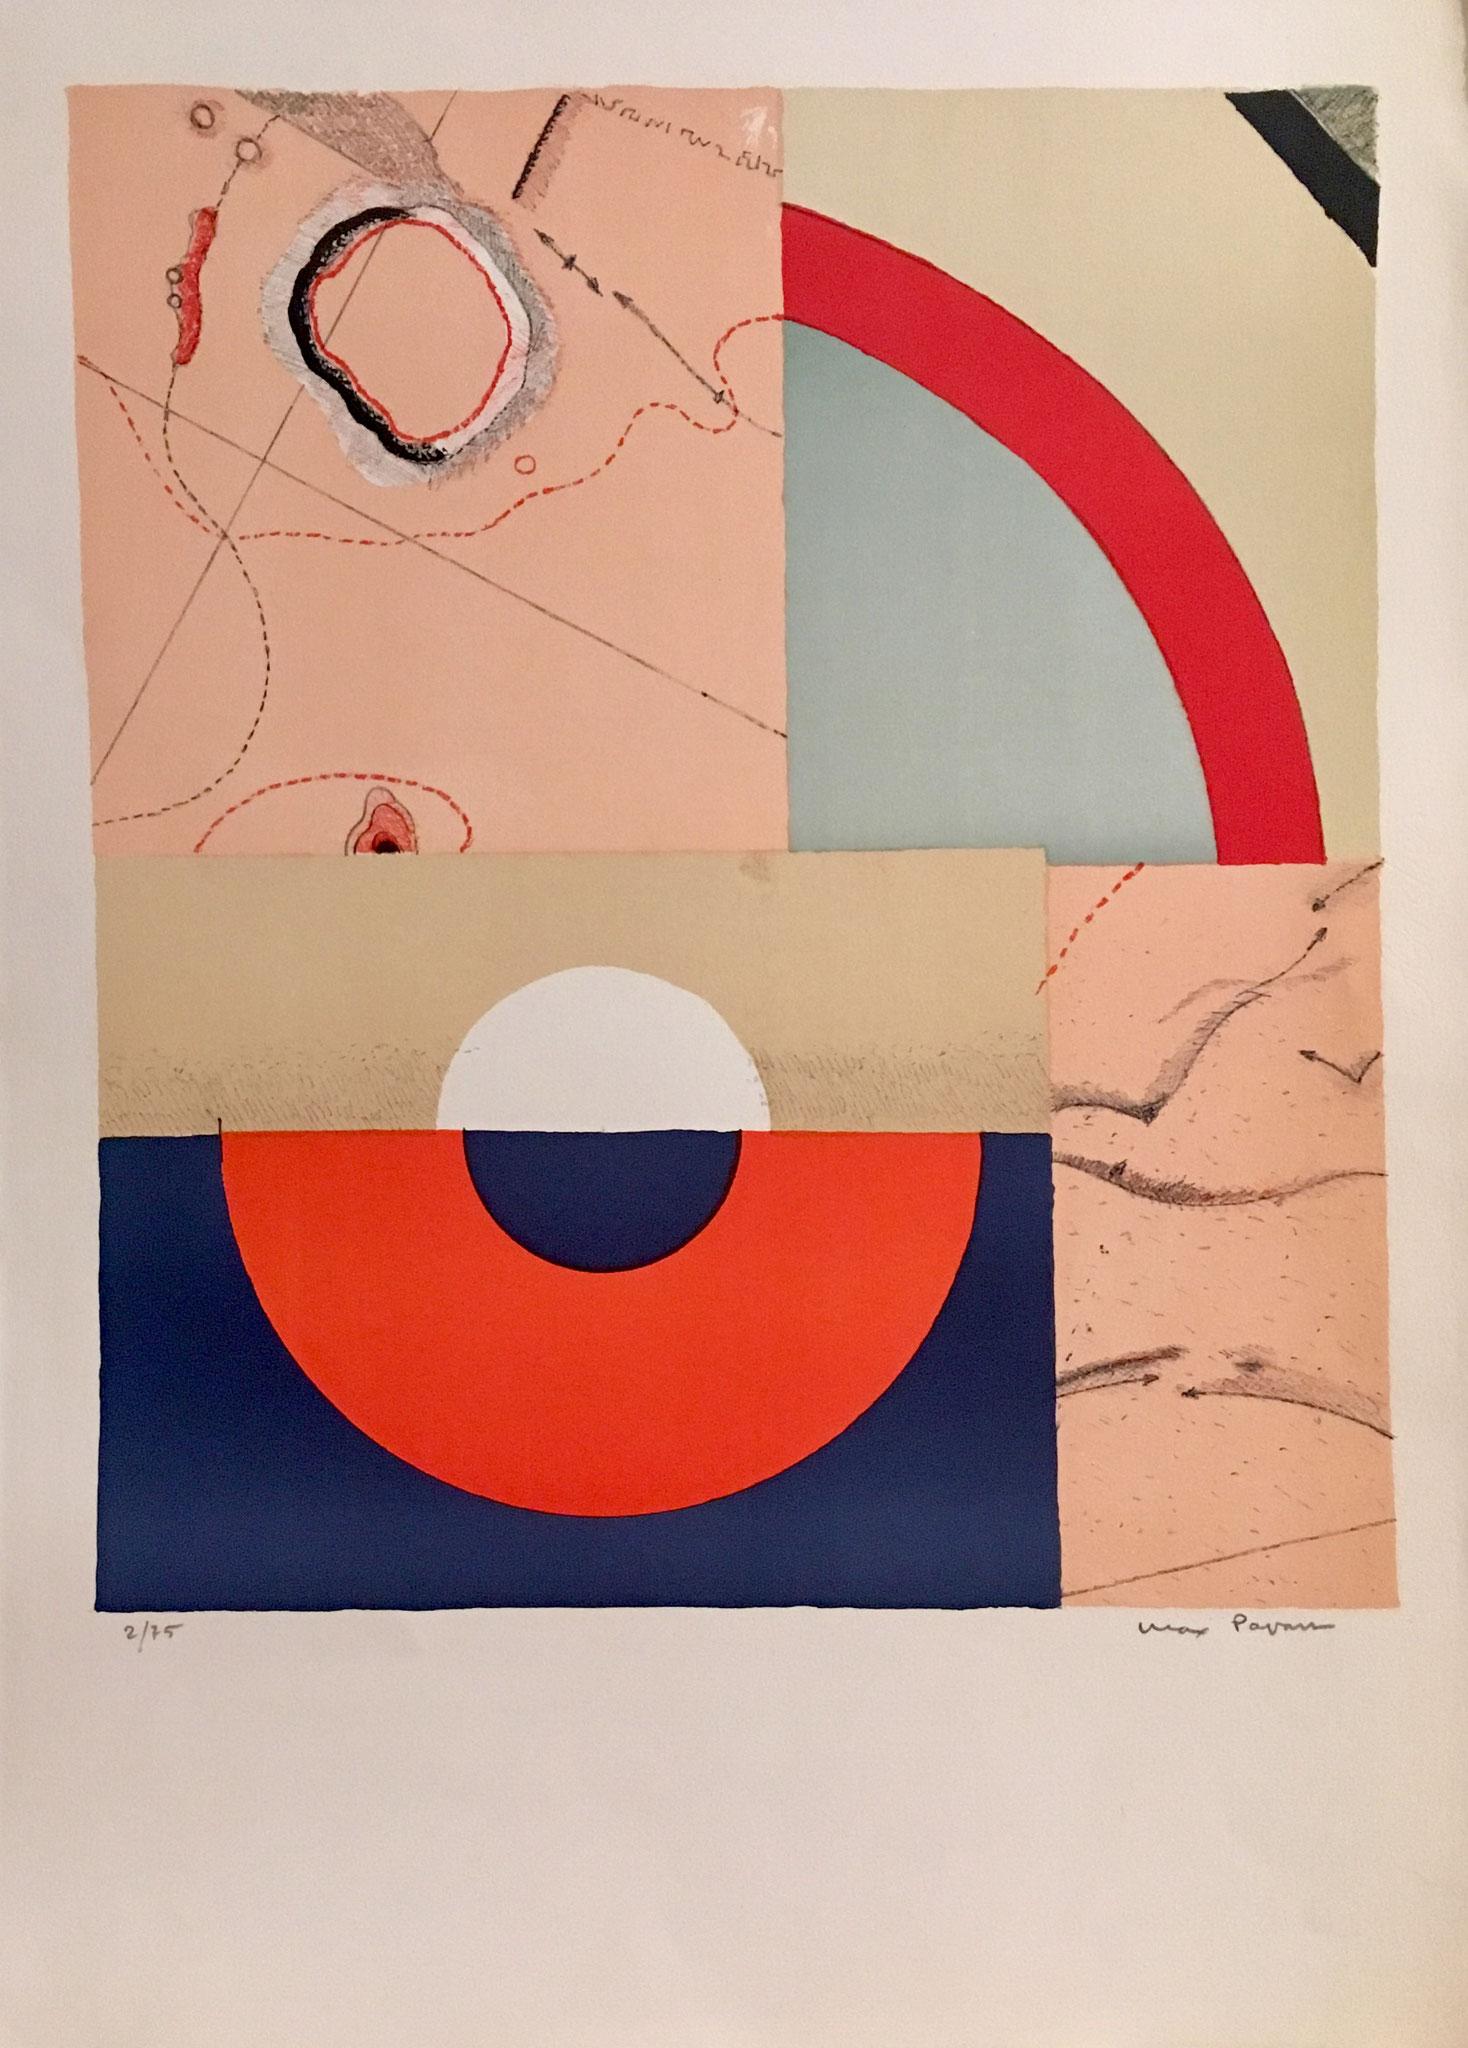 Max Papart  : theogonie, 1970,  lithographie , cat n43, signée et numérotée  2/75, 70,5x51 cm